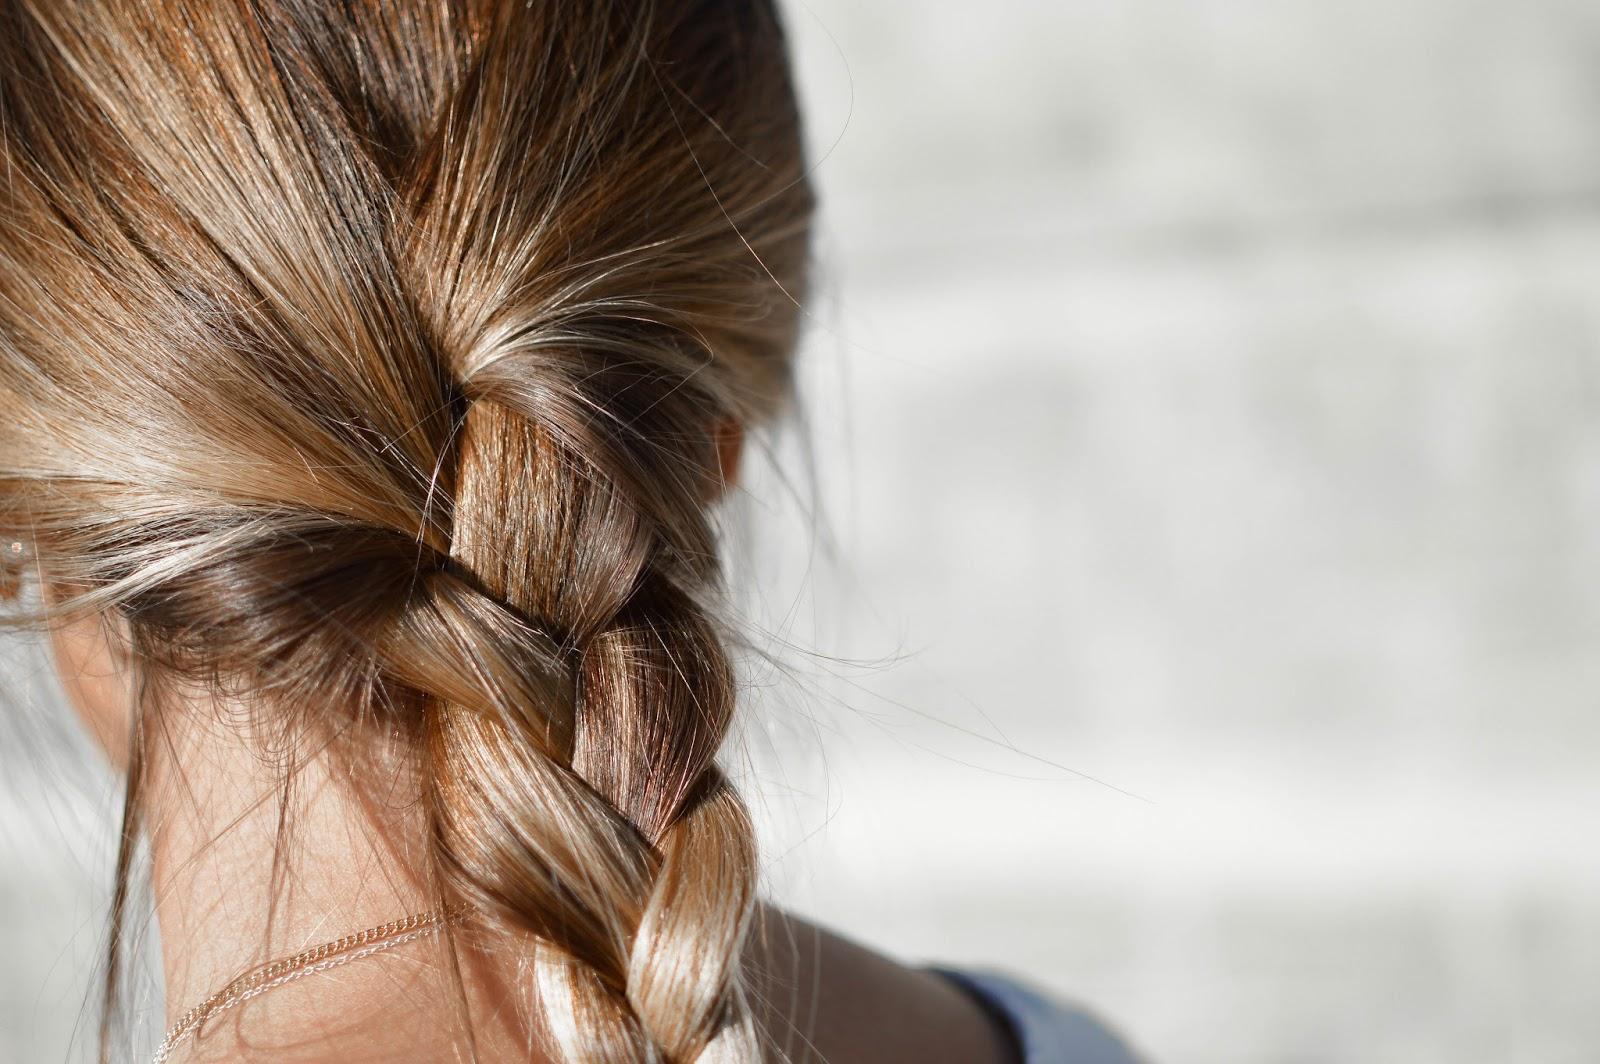 Apua hiustenlähtöön raskauden jälkeen